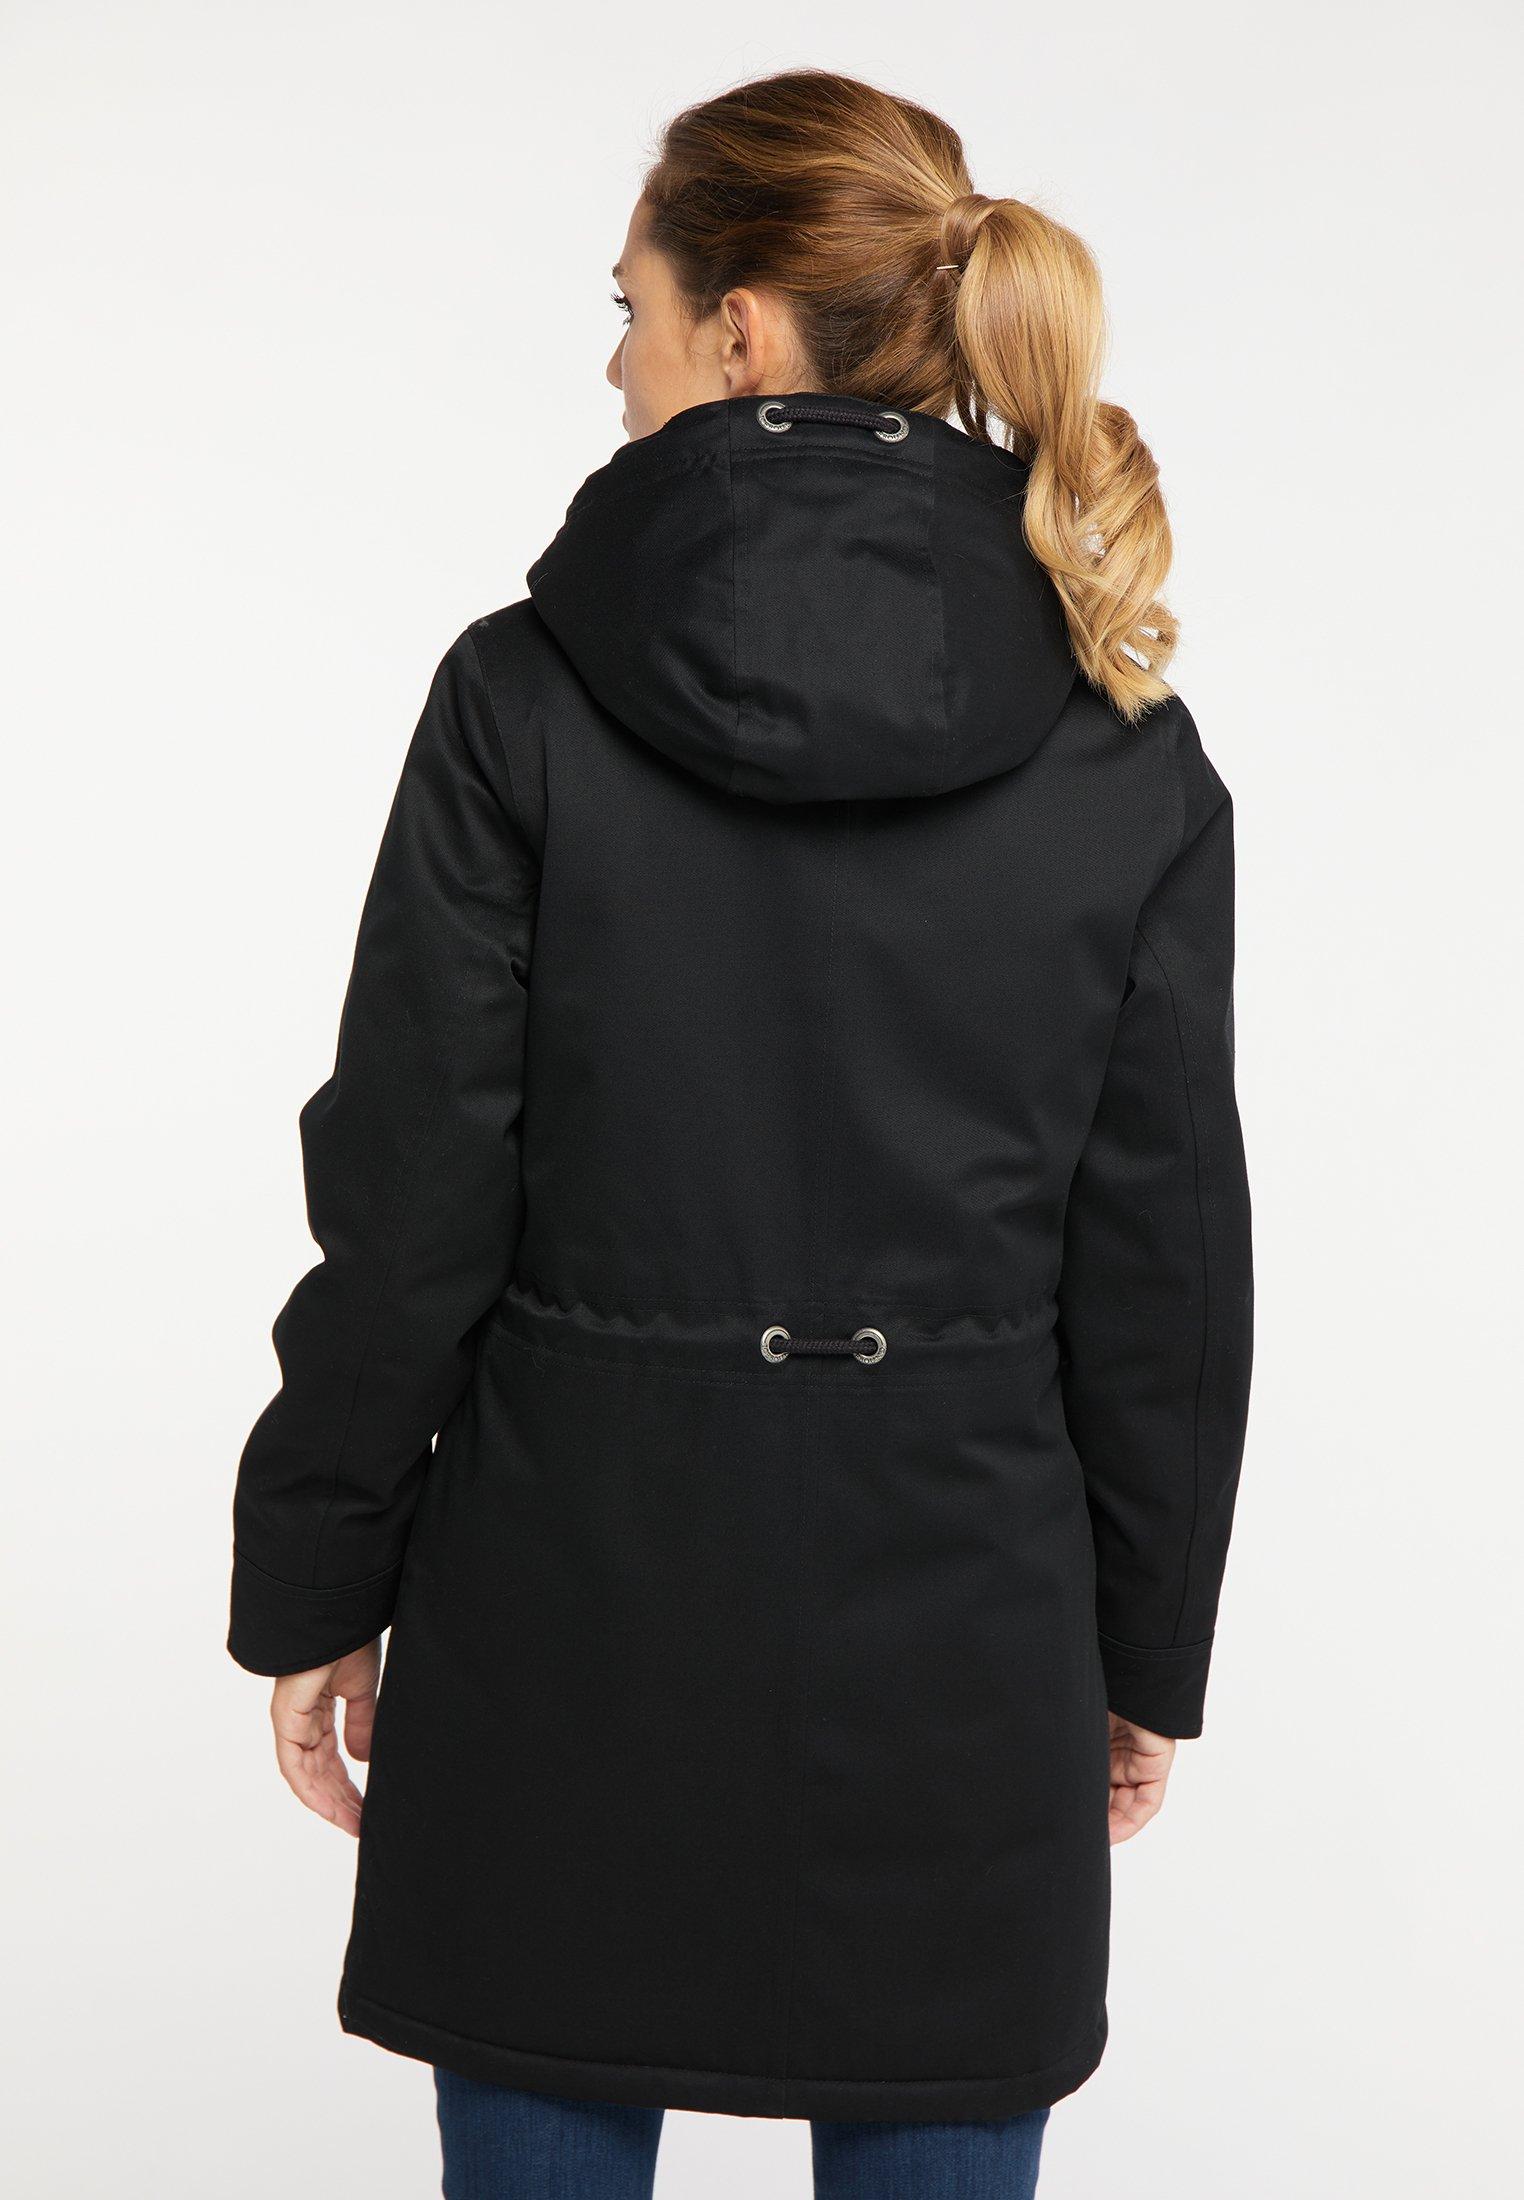 ICEBOUND Veste d'hiver - black - Manteaux Femme ErWtM